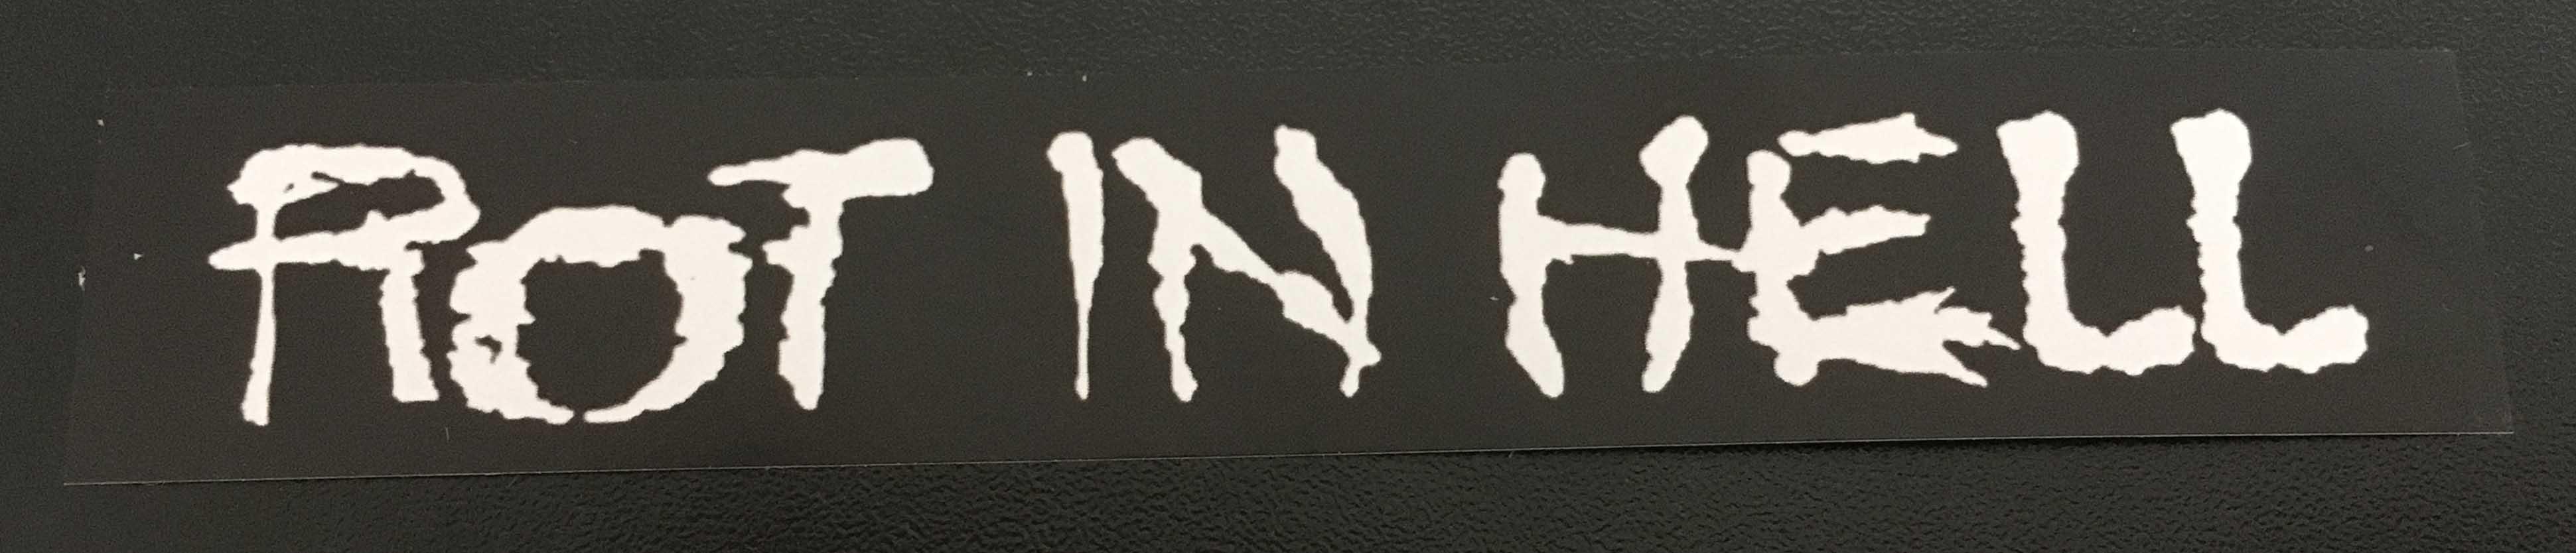 Schism 12 x 2cm Paper Sticker